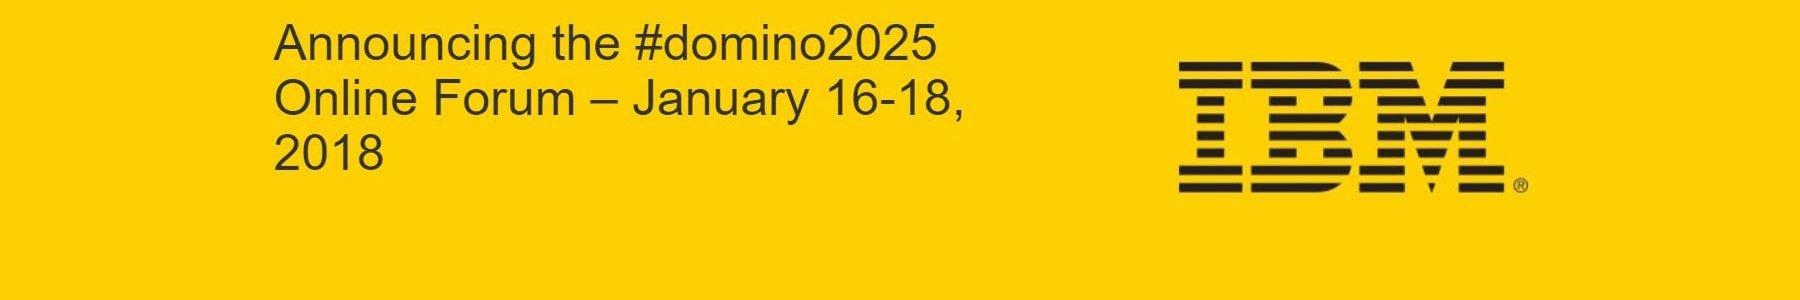 IBM annuncia un forum Online per #domino2025